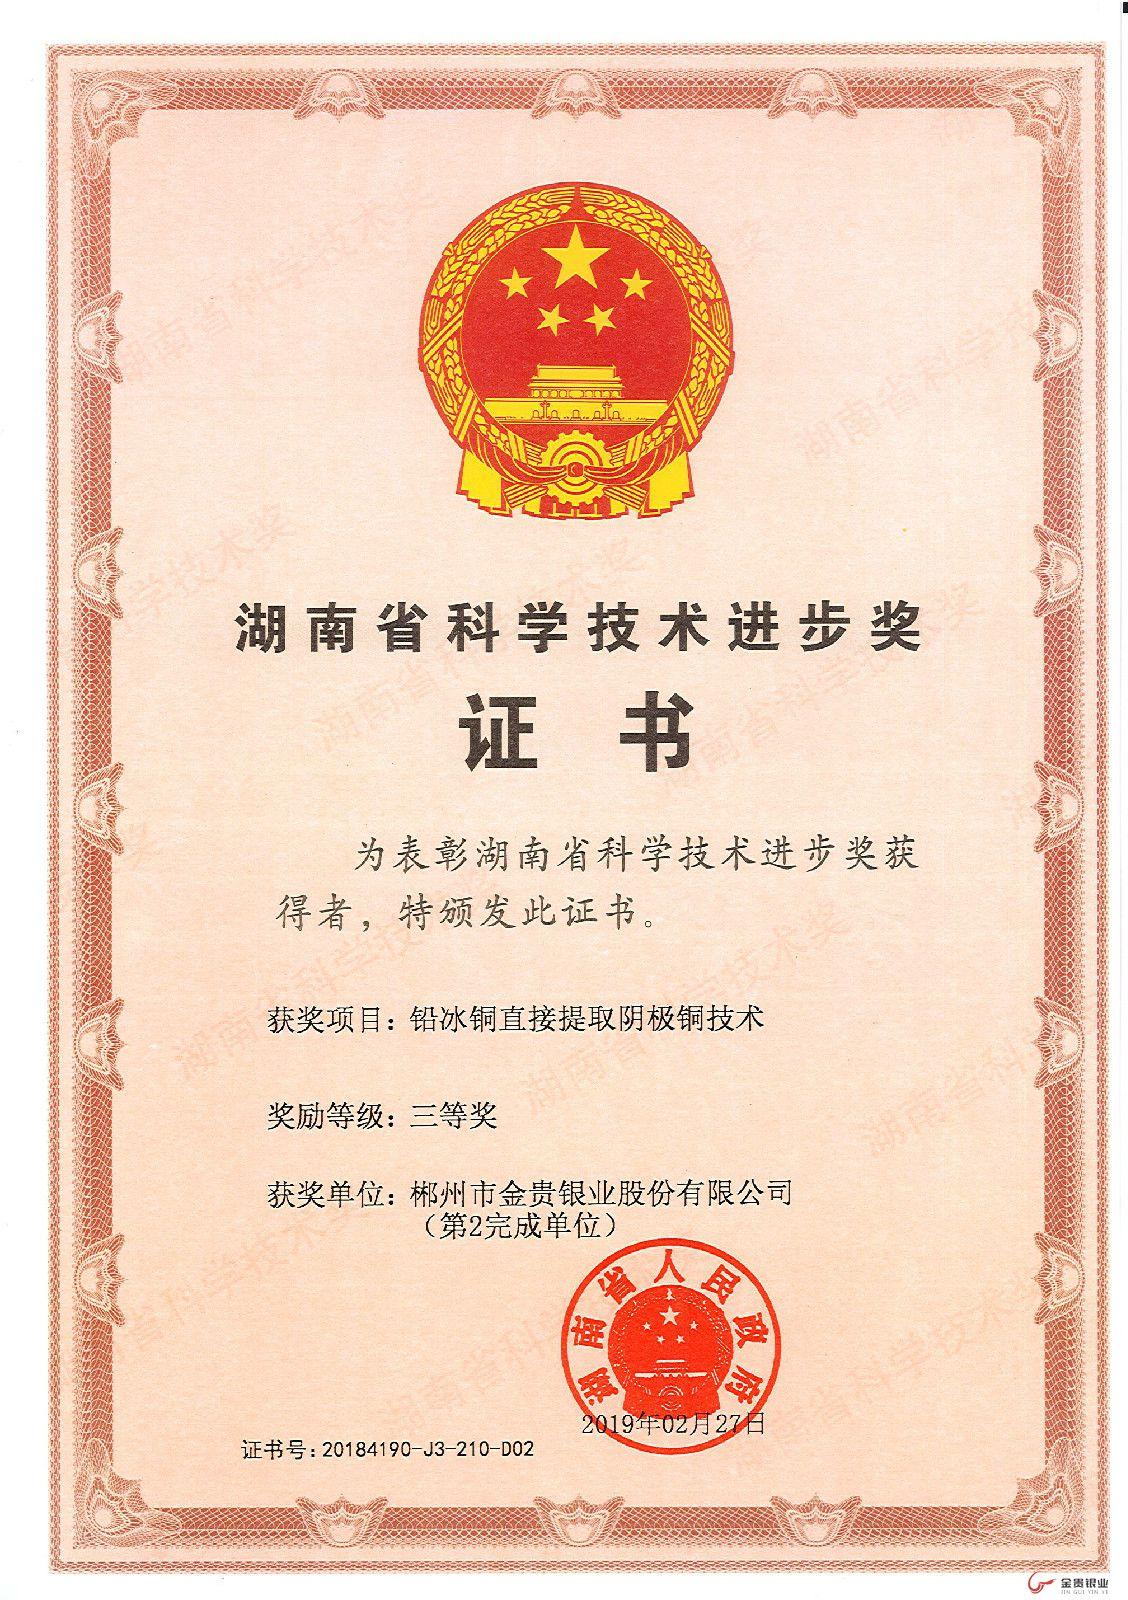 金贵银业荣获湖南省科学技术进步奖三等奖